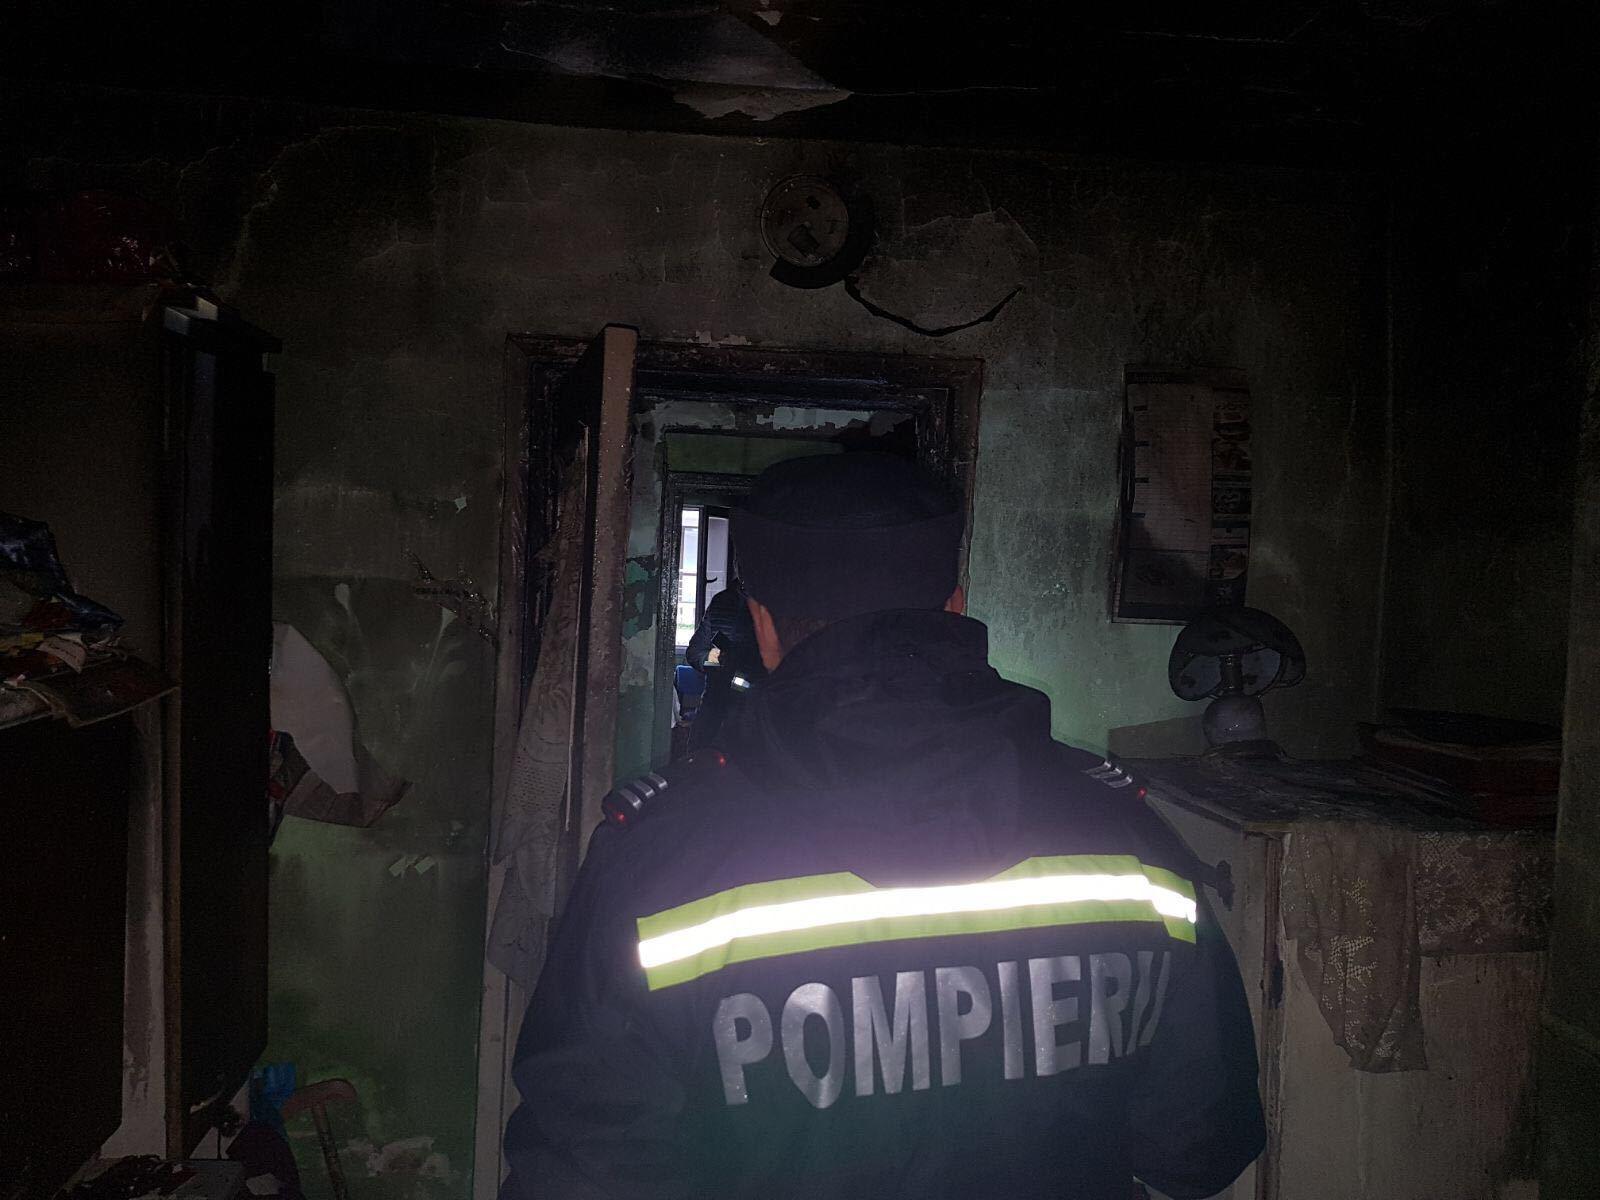 Explozie într-un bloc din Moineşti, judeţul Bacău. Două persoane au fost rănite/ Structura de rezistenţă a blocului nu a fost afectată